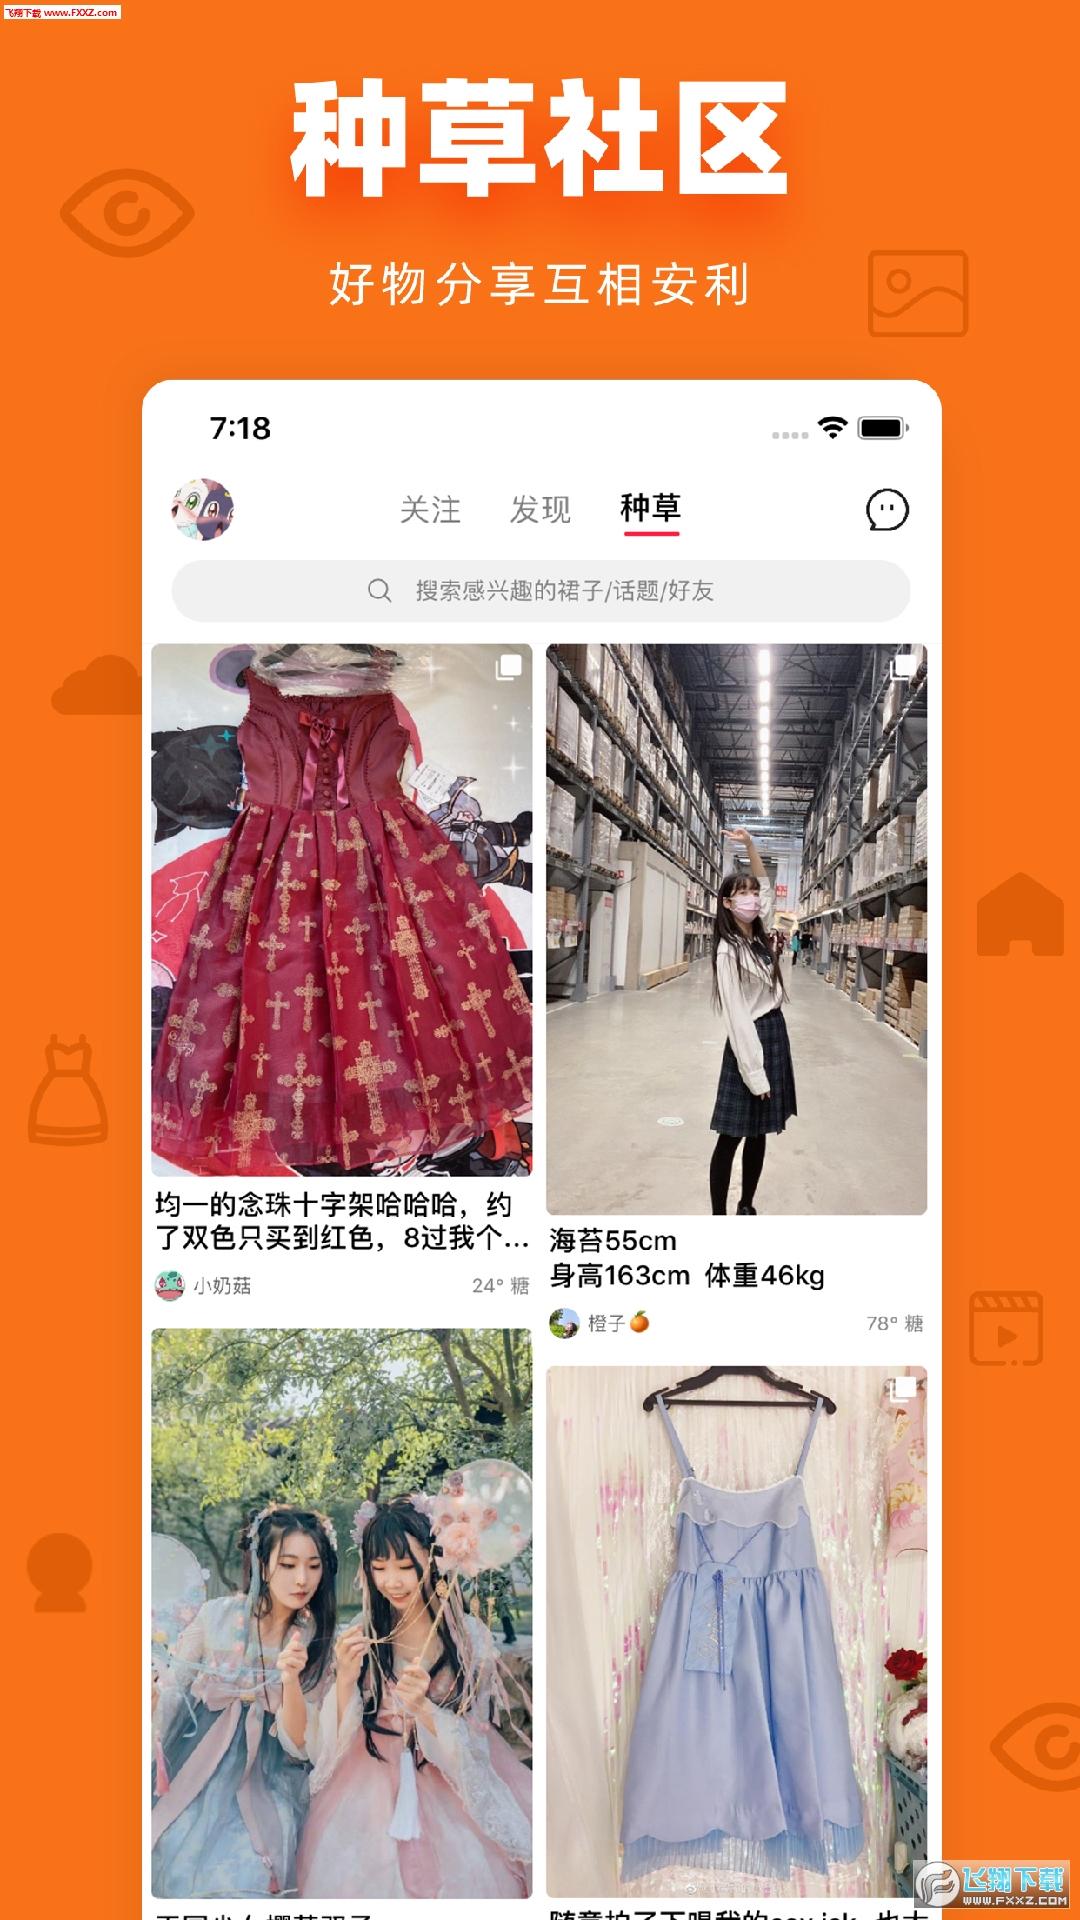 多糖jk汉服种草社区app1.3.0最新版截图1